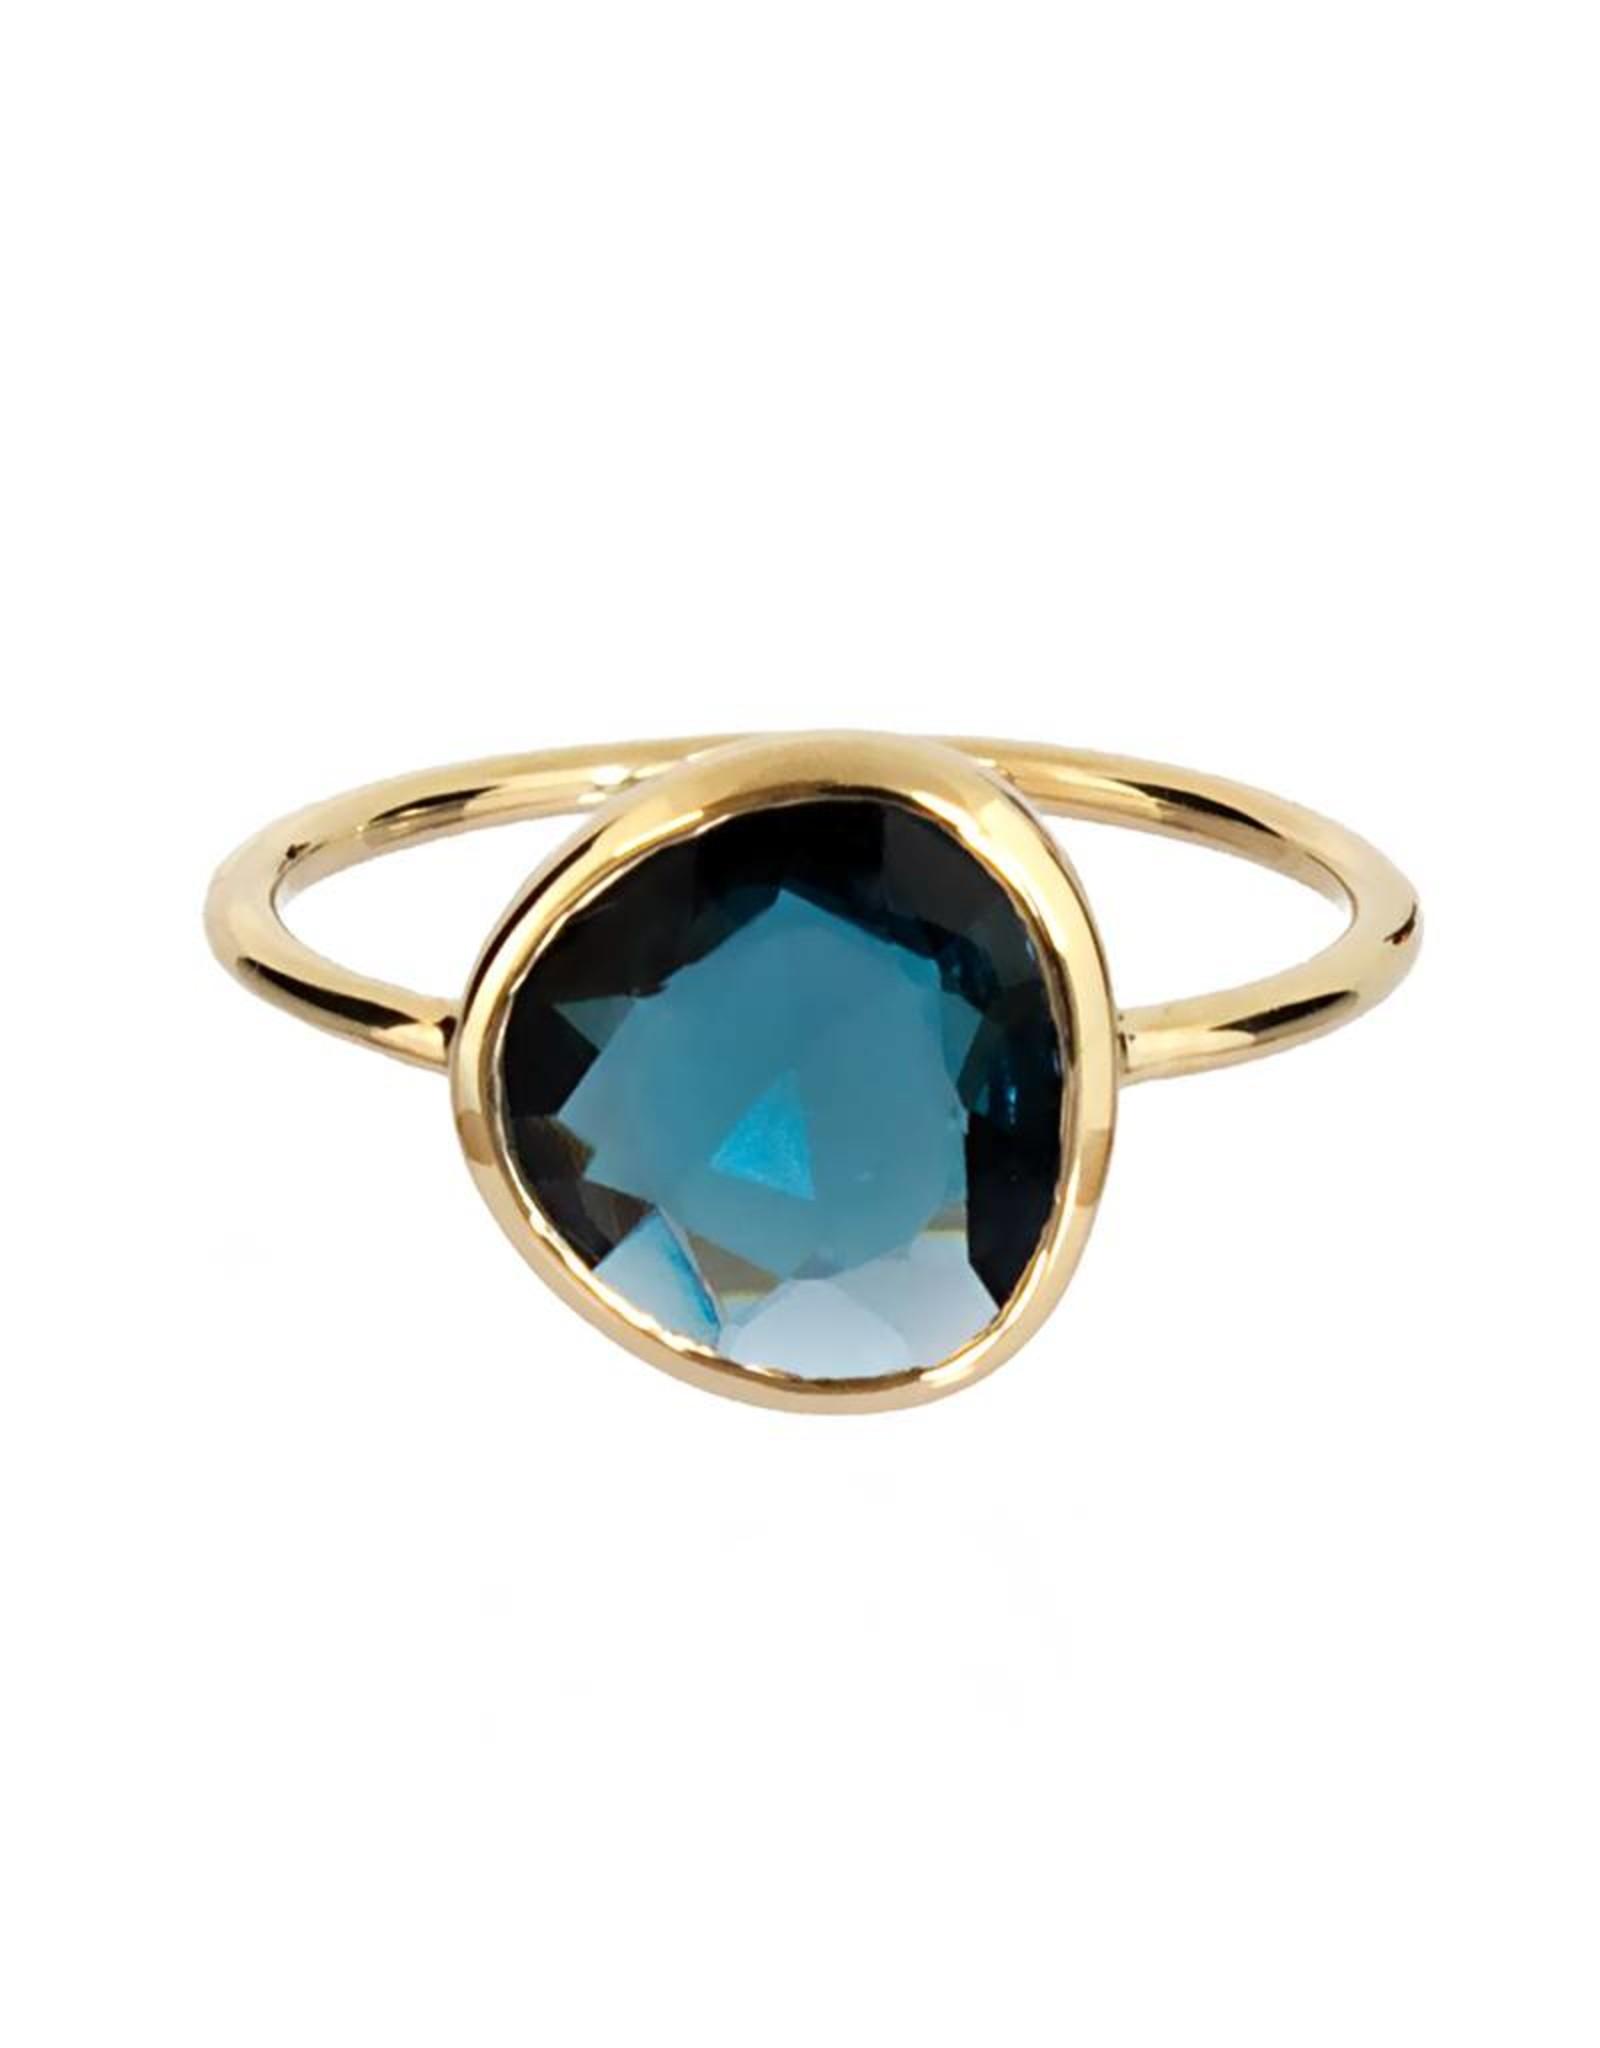 Bo Gold Ring - Gold - London Blue Topaz